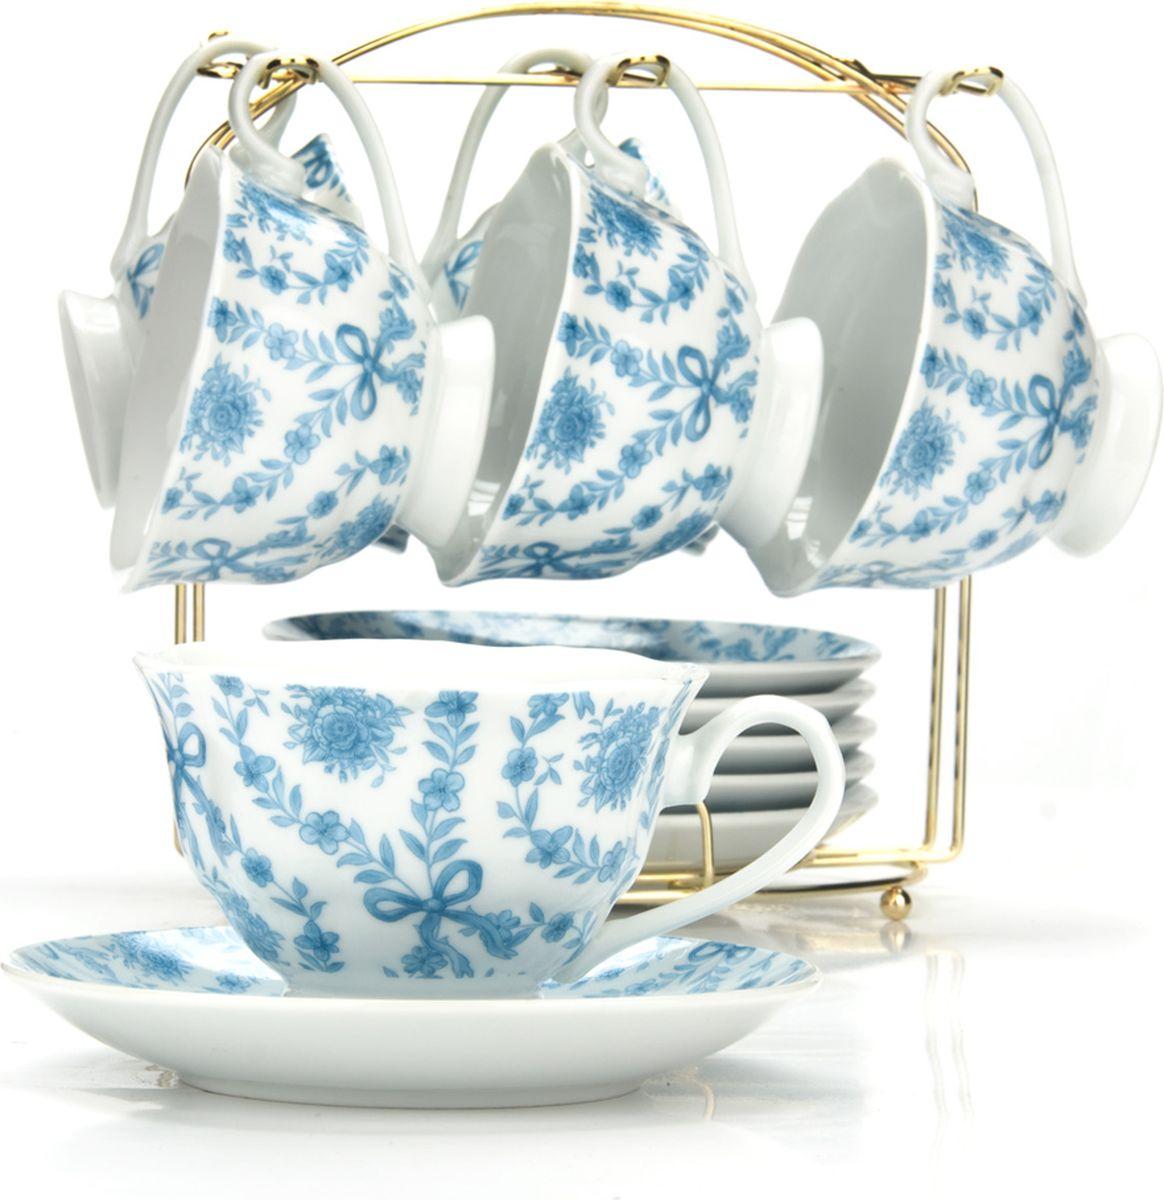 Сервиз чайный Loraine, на подставке, 13 предметов. 43294 сервиз чайный loraine на подставке 13 предметов 43295